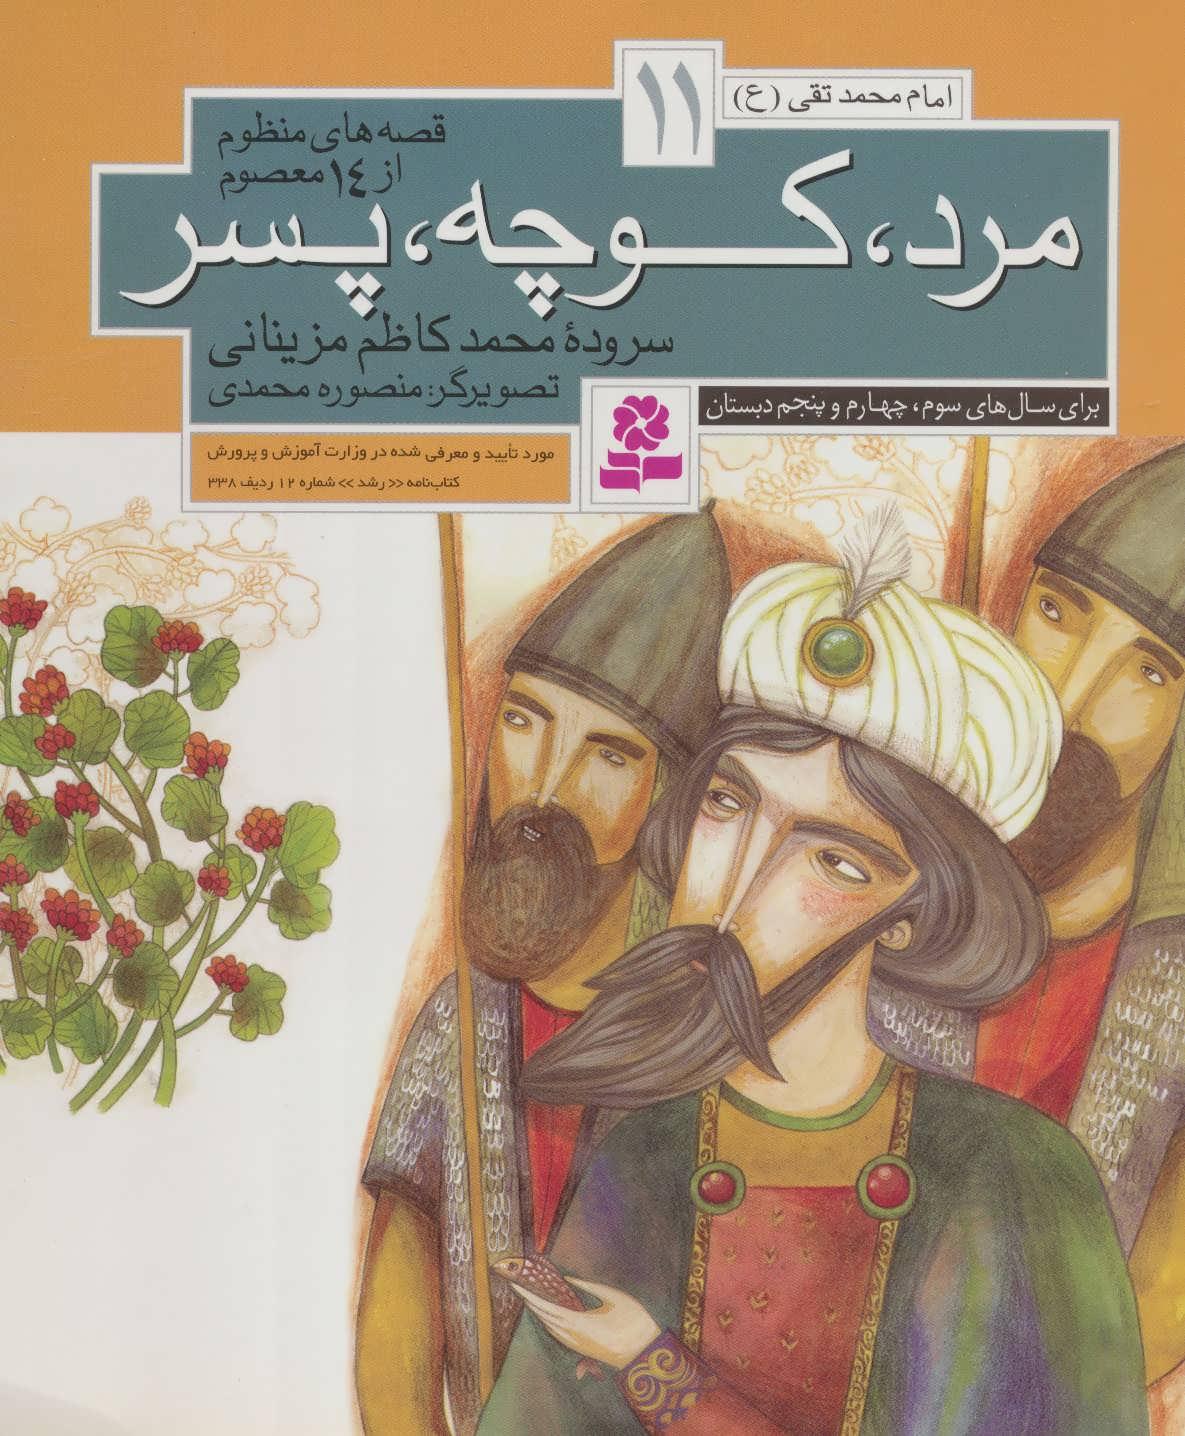 قصه های منظوم از 14 معصوم11:مرد،کوچه،پسر (امام محمدتقی (ع))،(گلاسه)